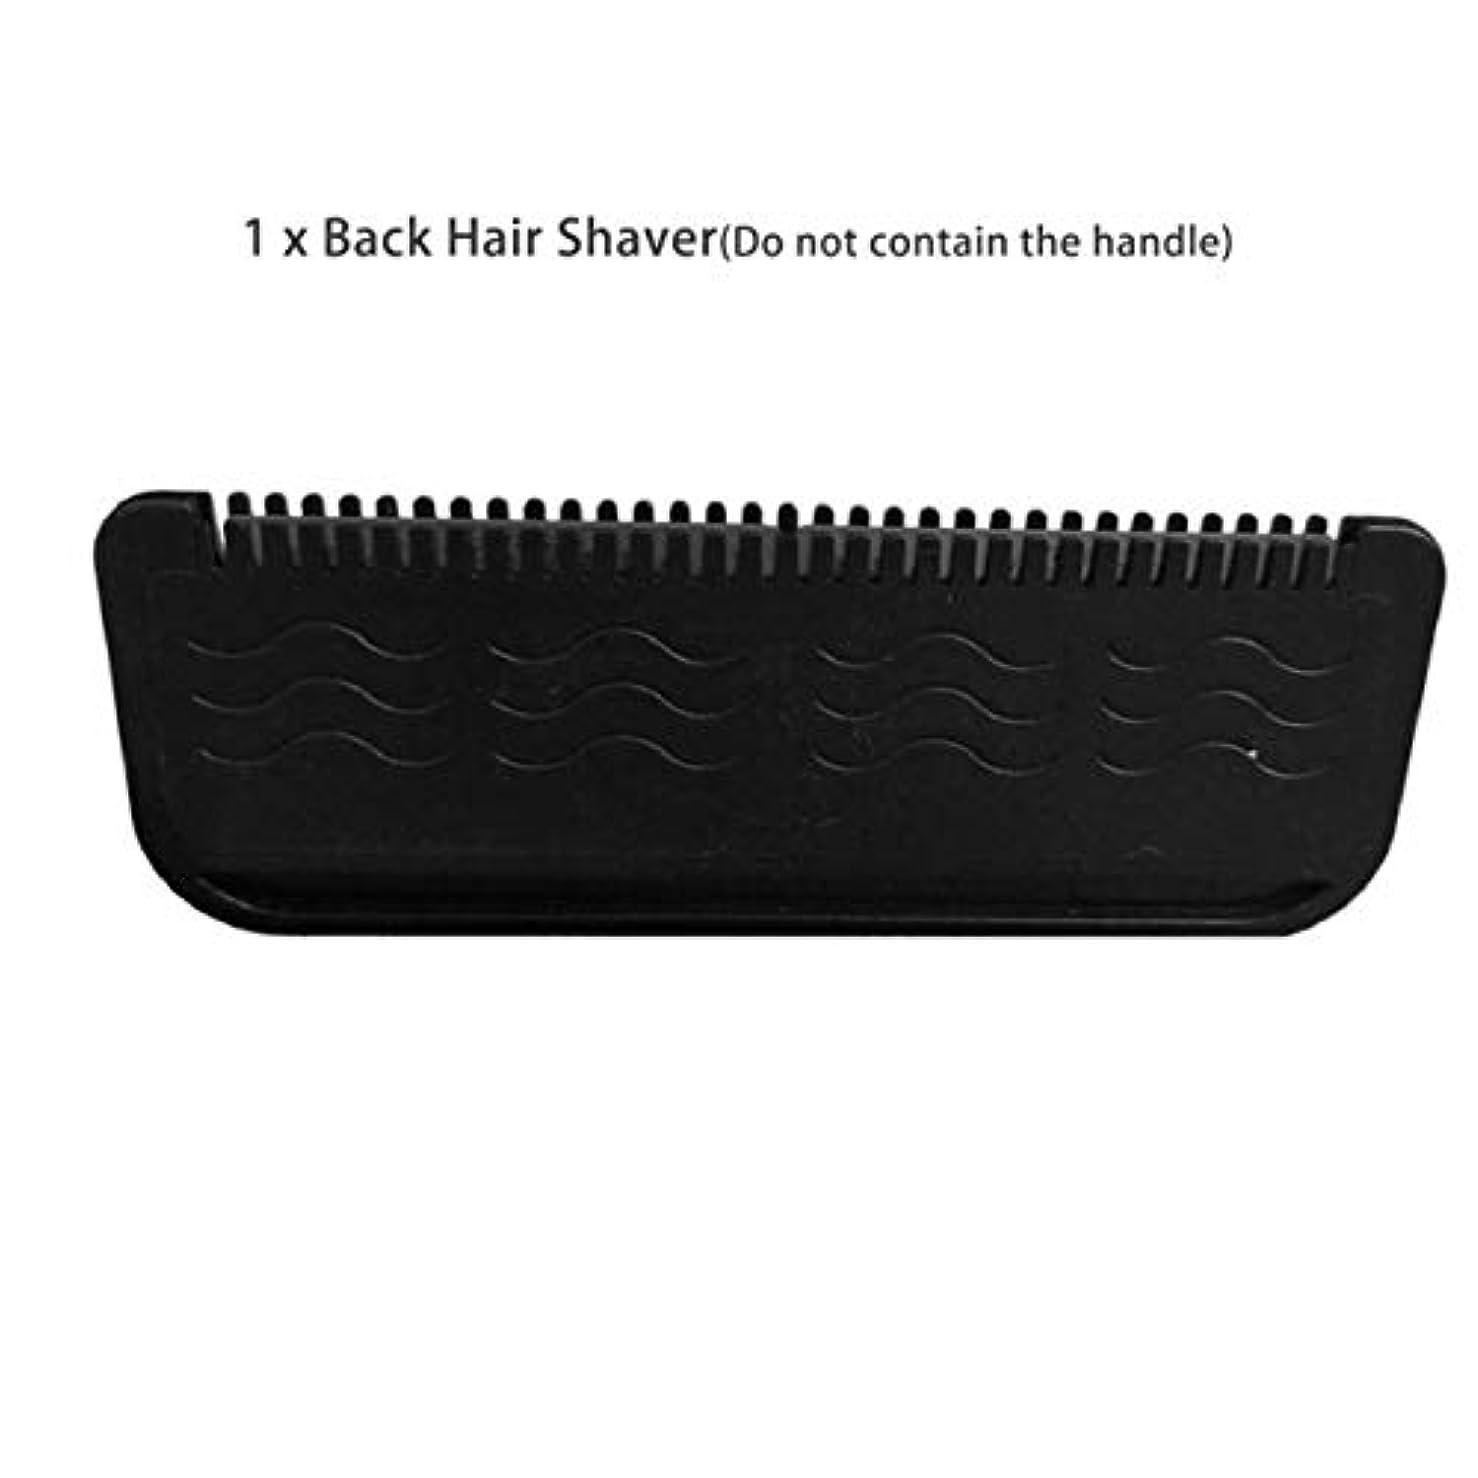 先史時代の誘導買収マニュアルバックヘアシェーバーステンレスブレードカミソリ痛みのない除毛ブレードボディヘアケアシェービングカミソリ男性用-青&黒